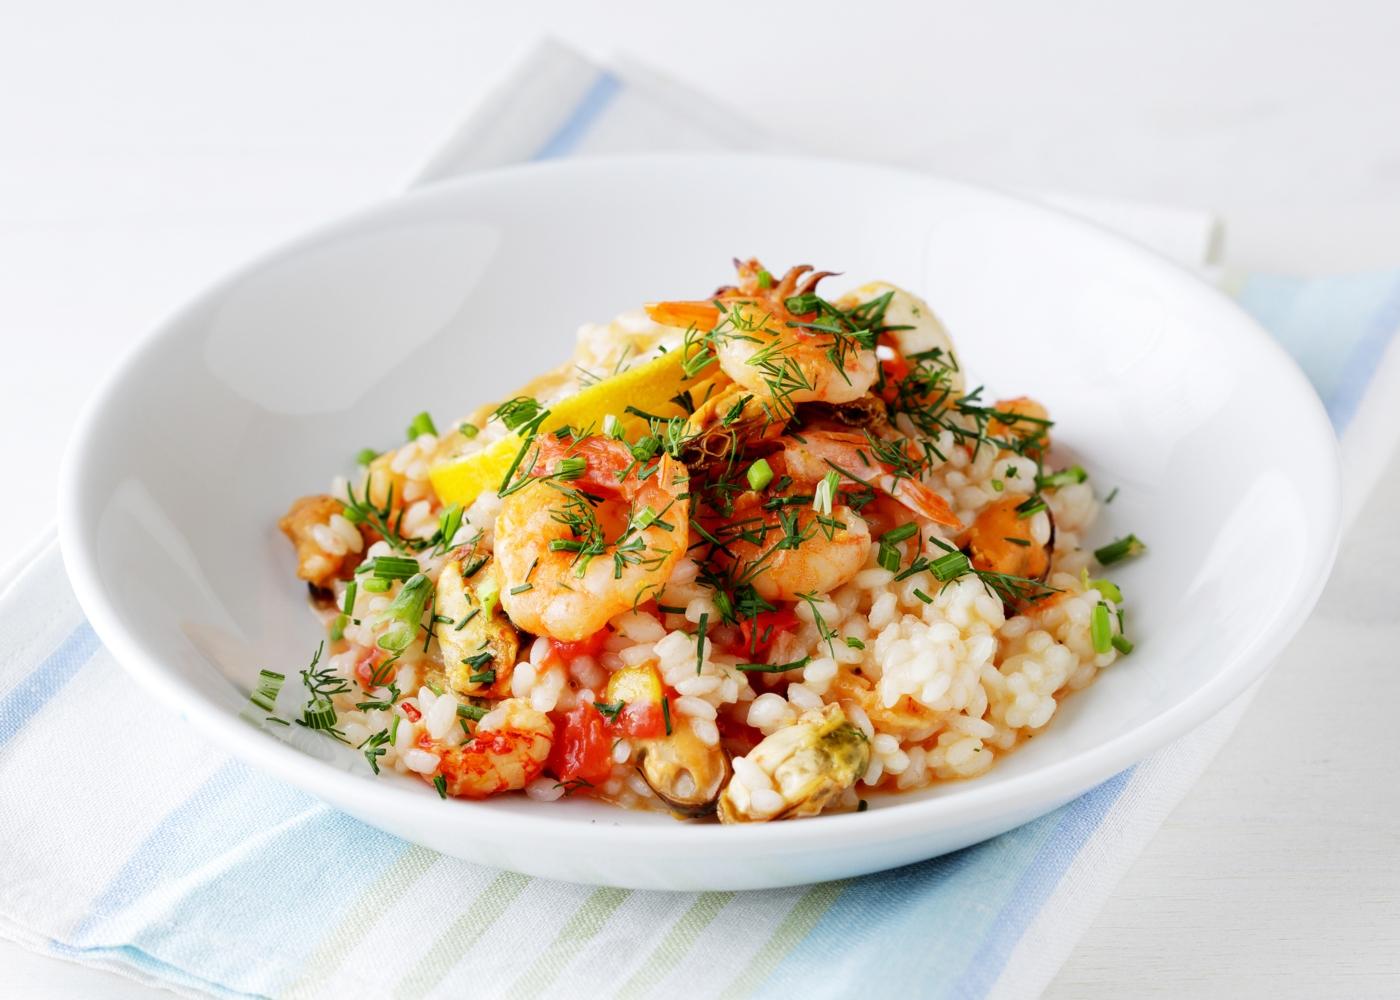 Arroz de camarão simples servido num prato fundo